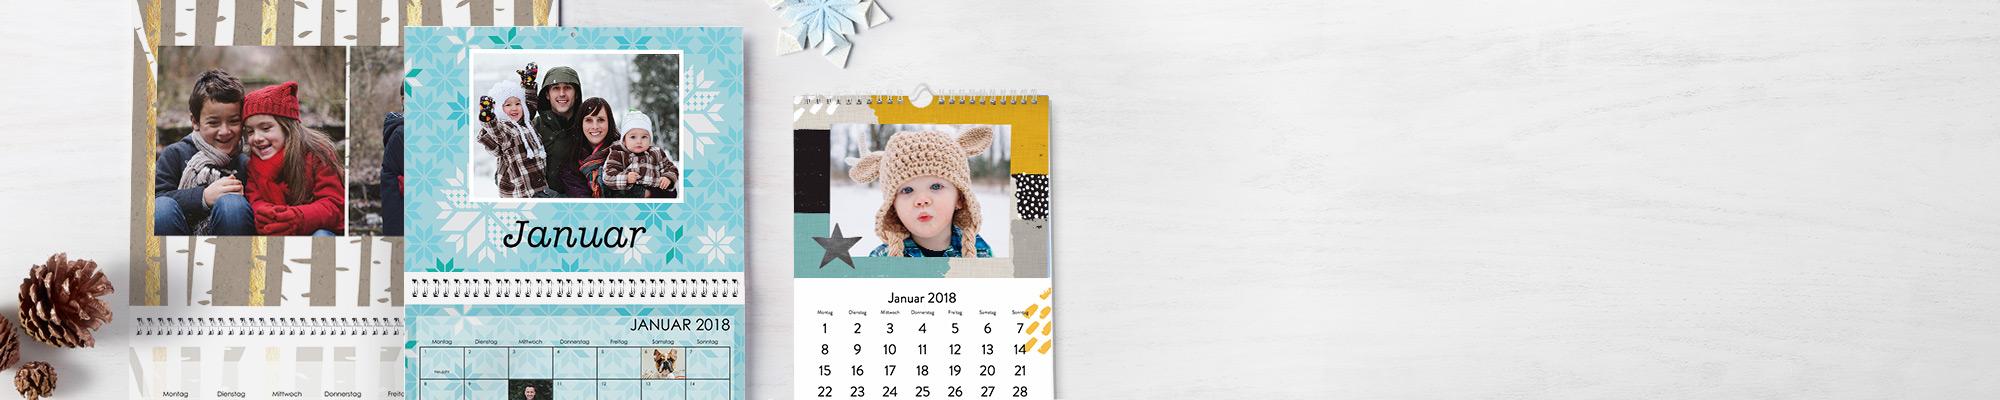 Individuelle Kalender 2018 Genießen Sie 365 Tage Ihre Lieblingsfotos mit Ihrem persönlichen Kalender samt neuer Schriftarten, Designs und Hintergründen.